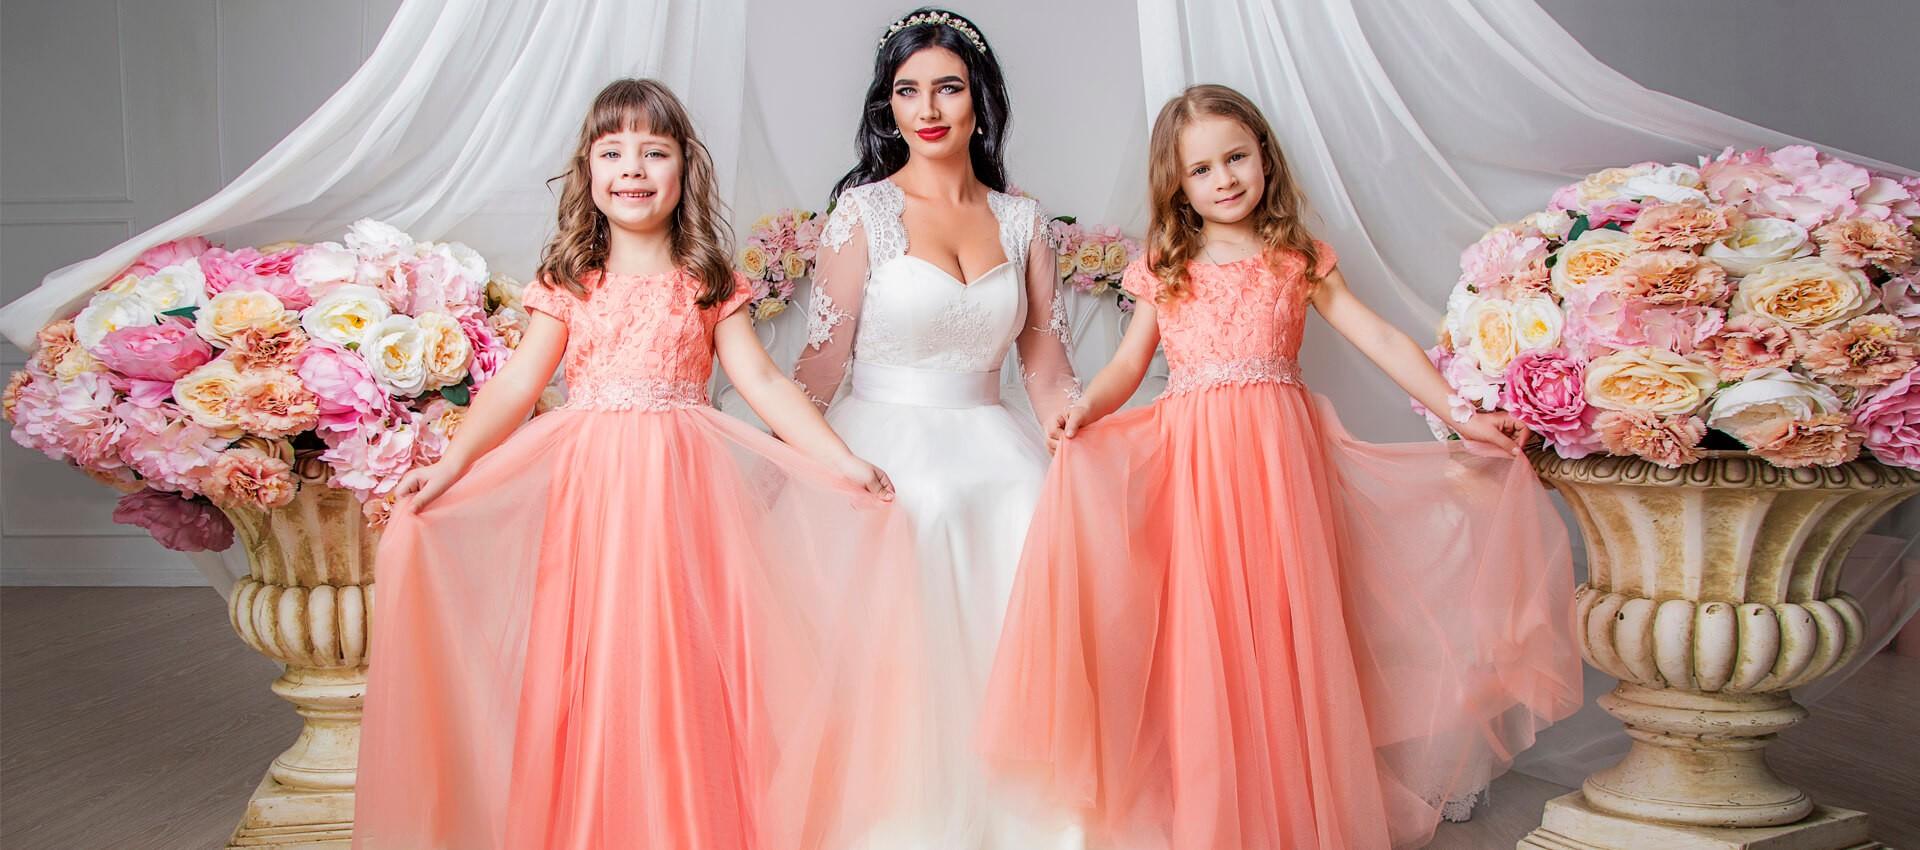 Milomoor - Женские платья оптом от производителя 3d7eda06248